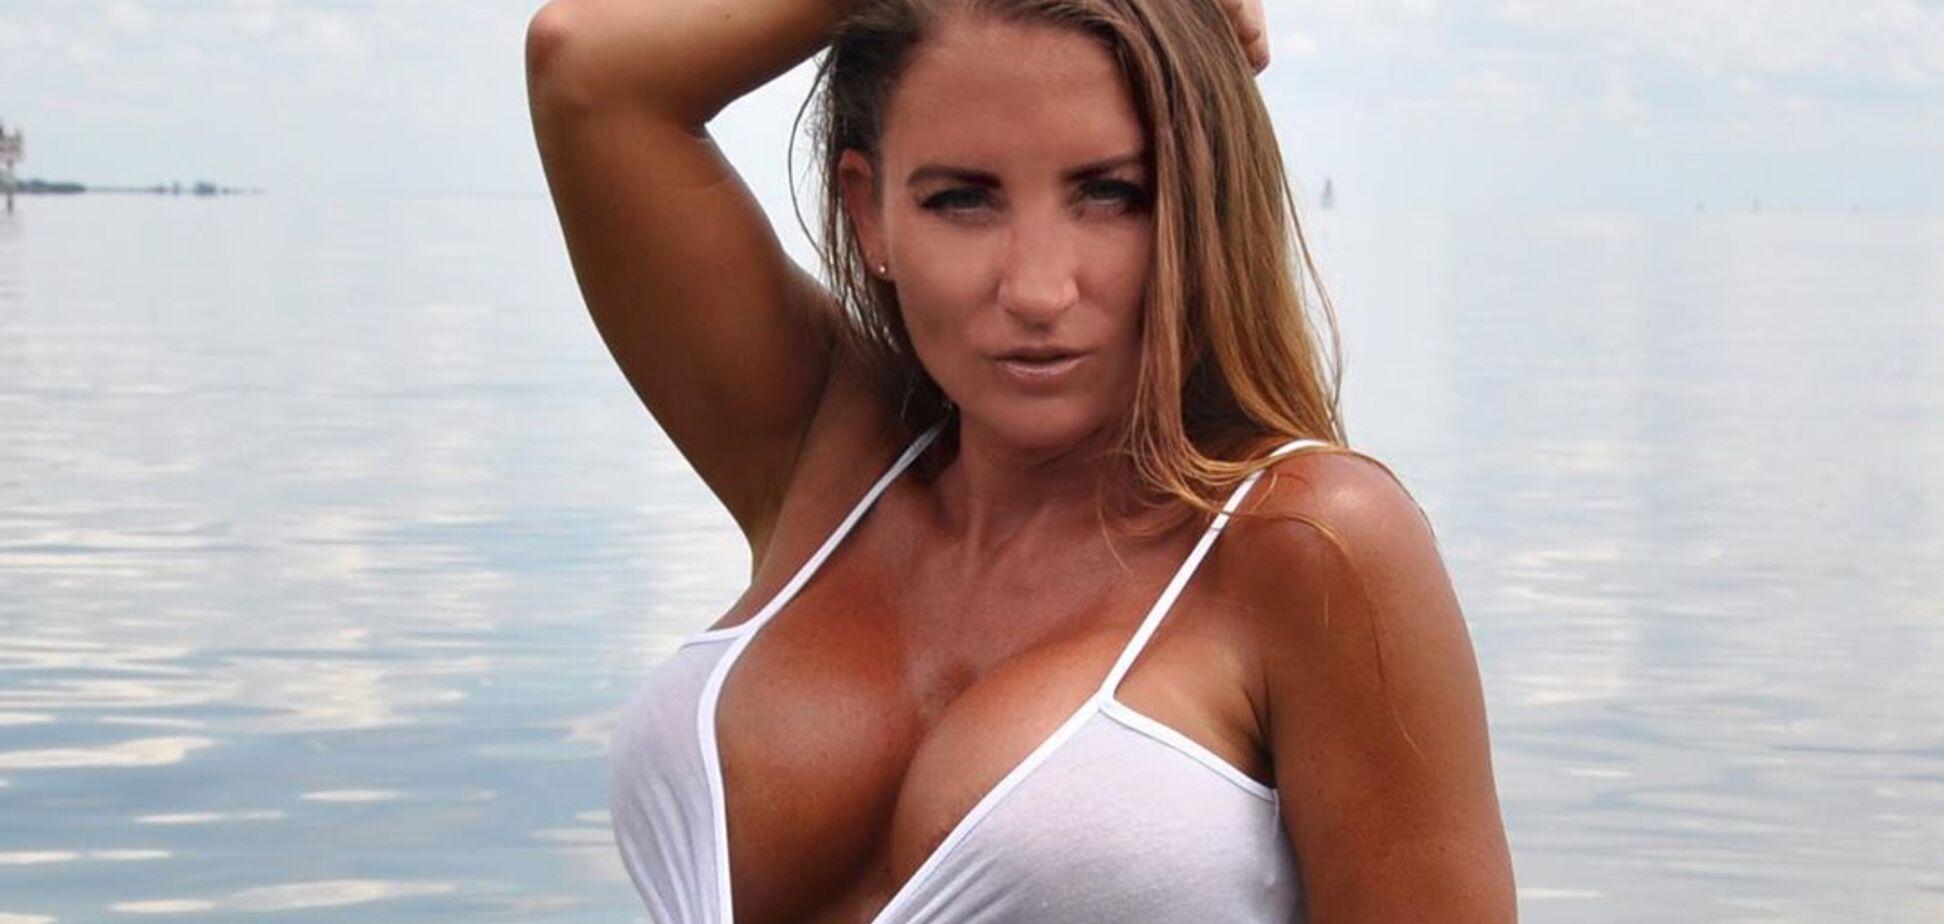 Популярная фитнес-модель вытащила грудь из купальника